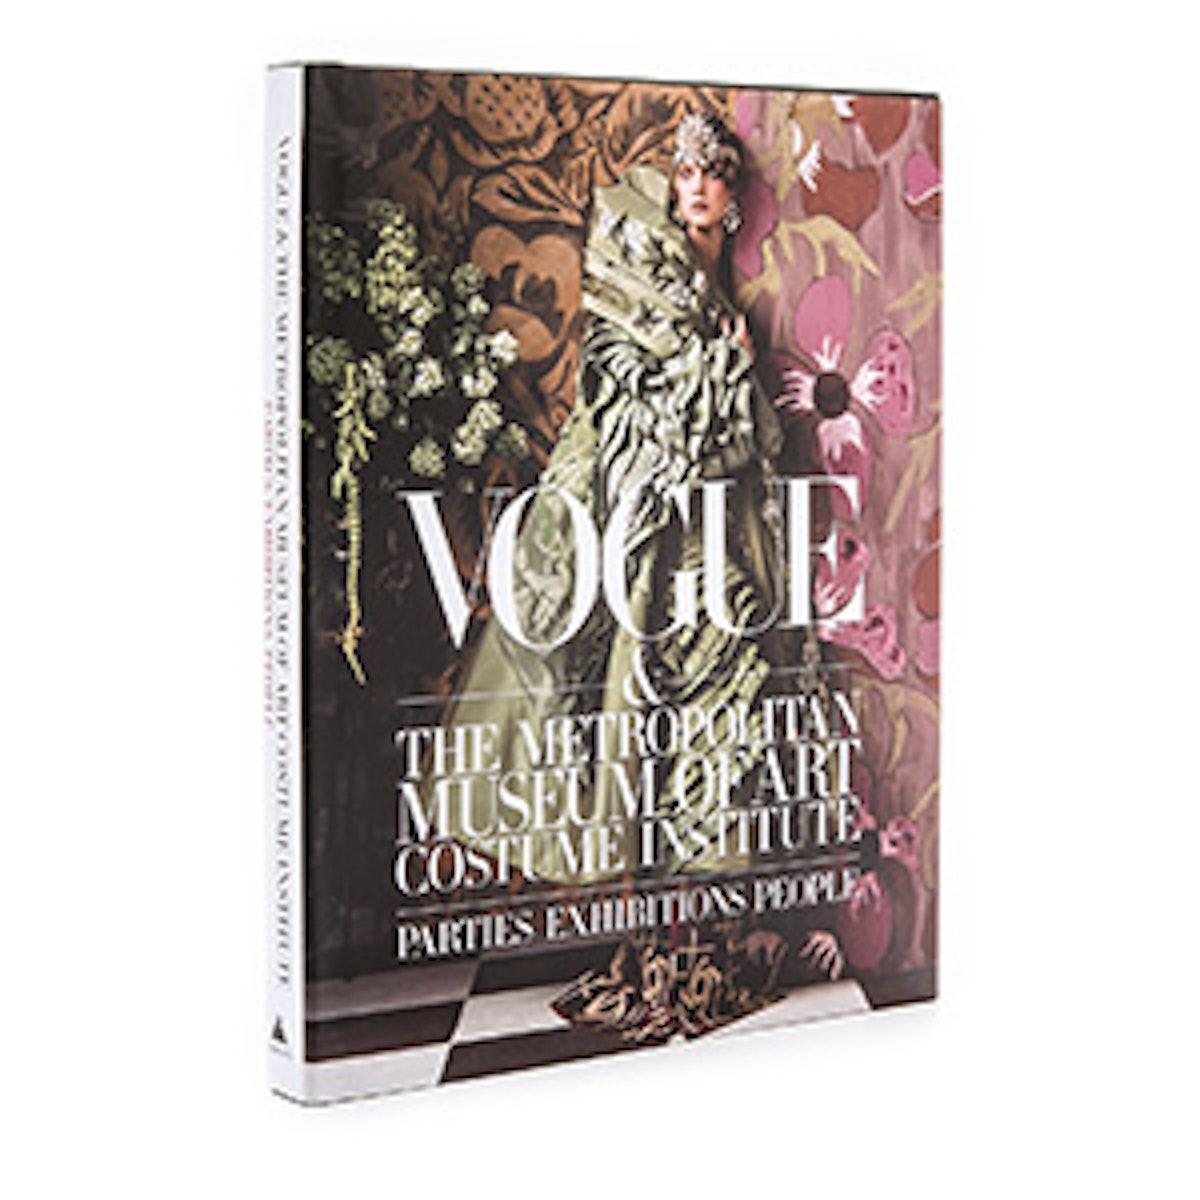 Vogue & The Met Museum of Art's Costume Institute